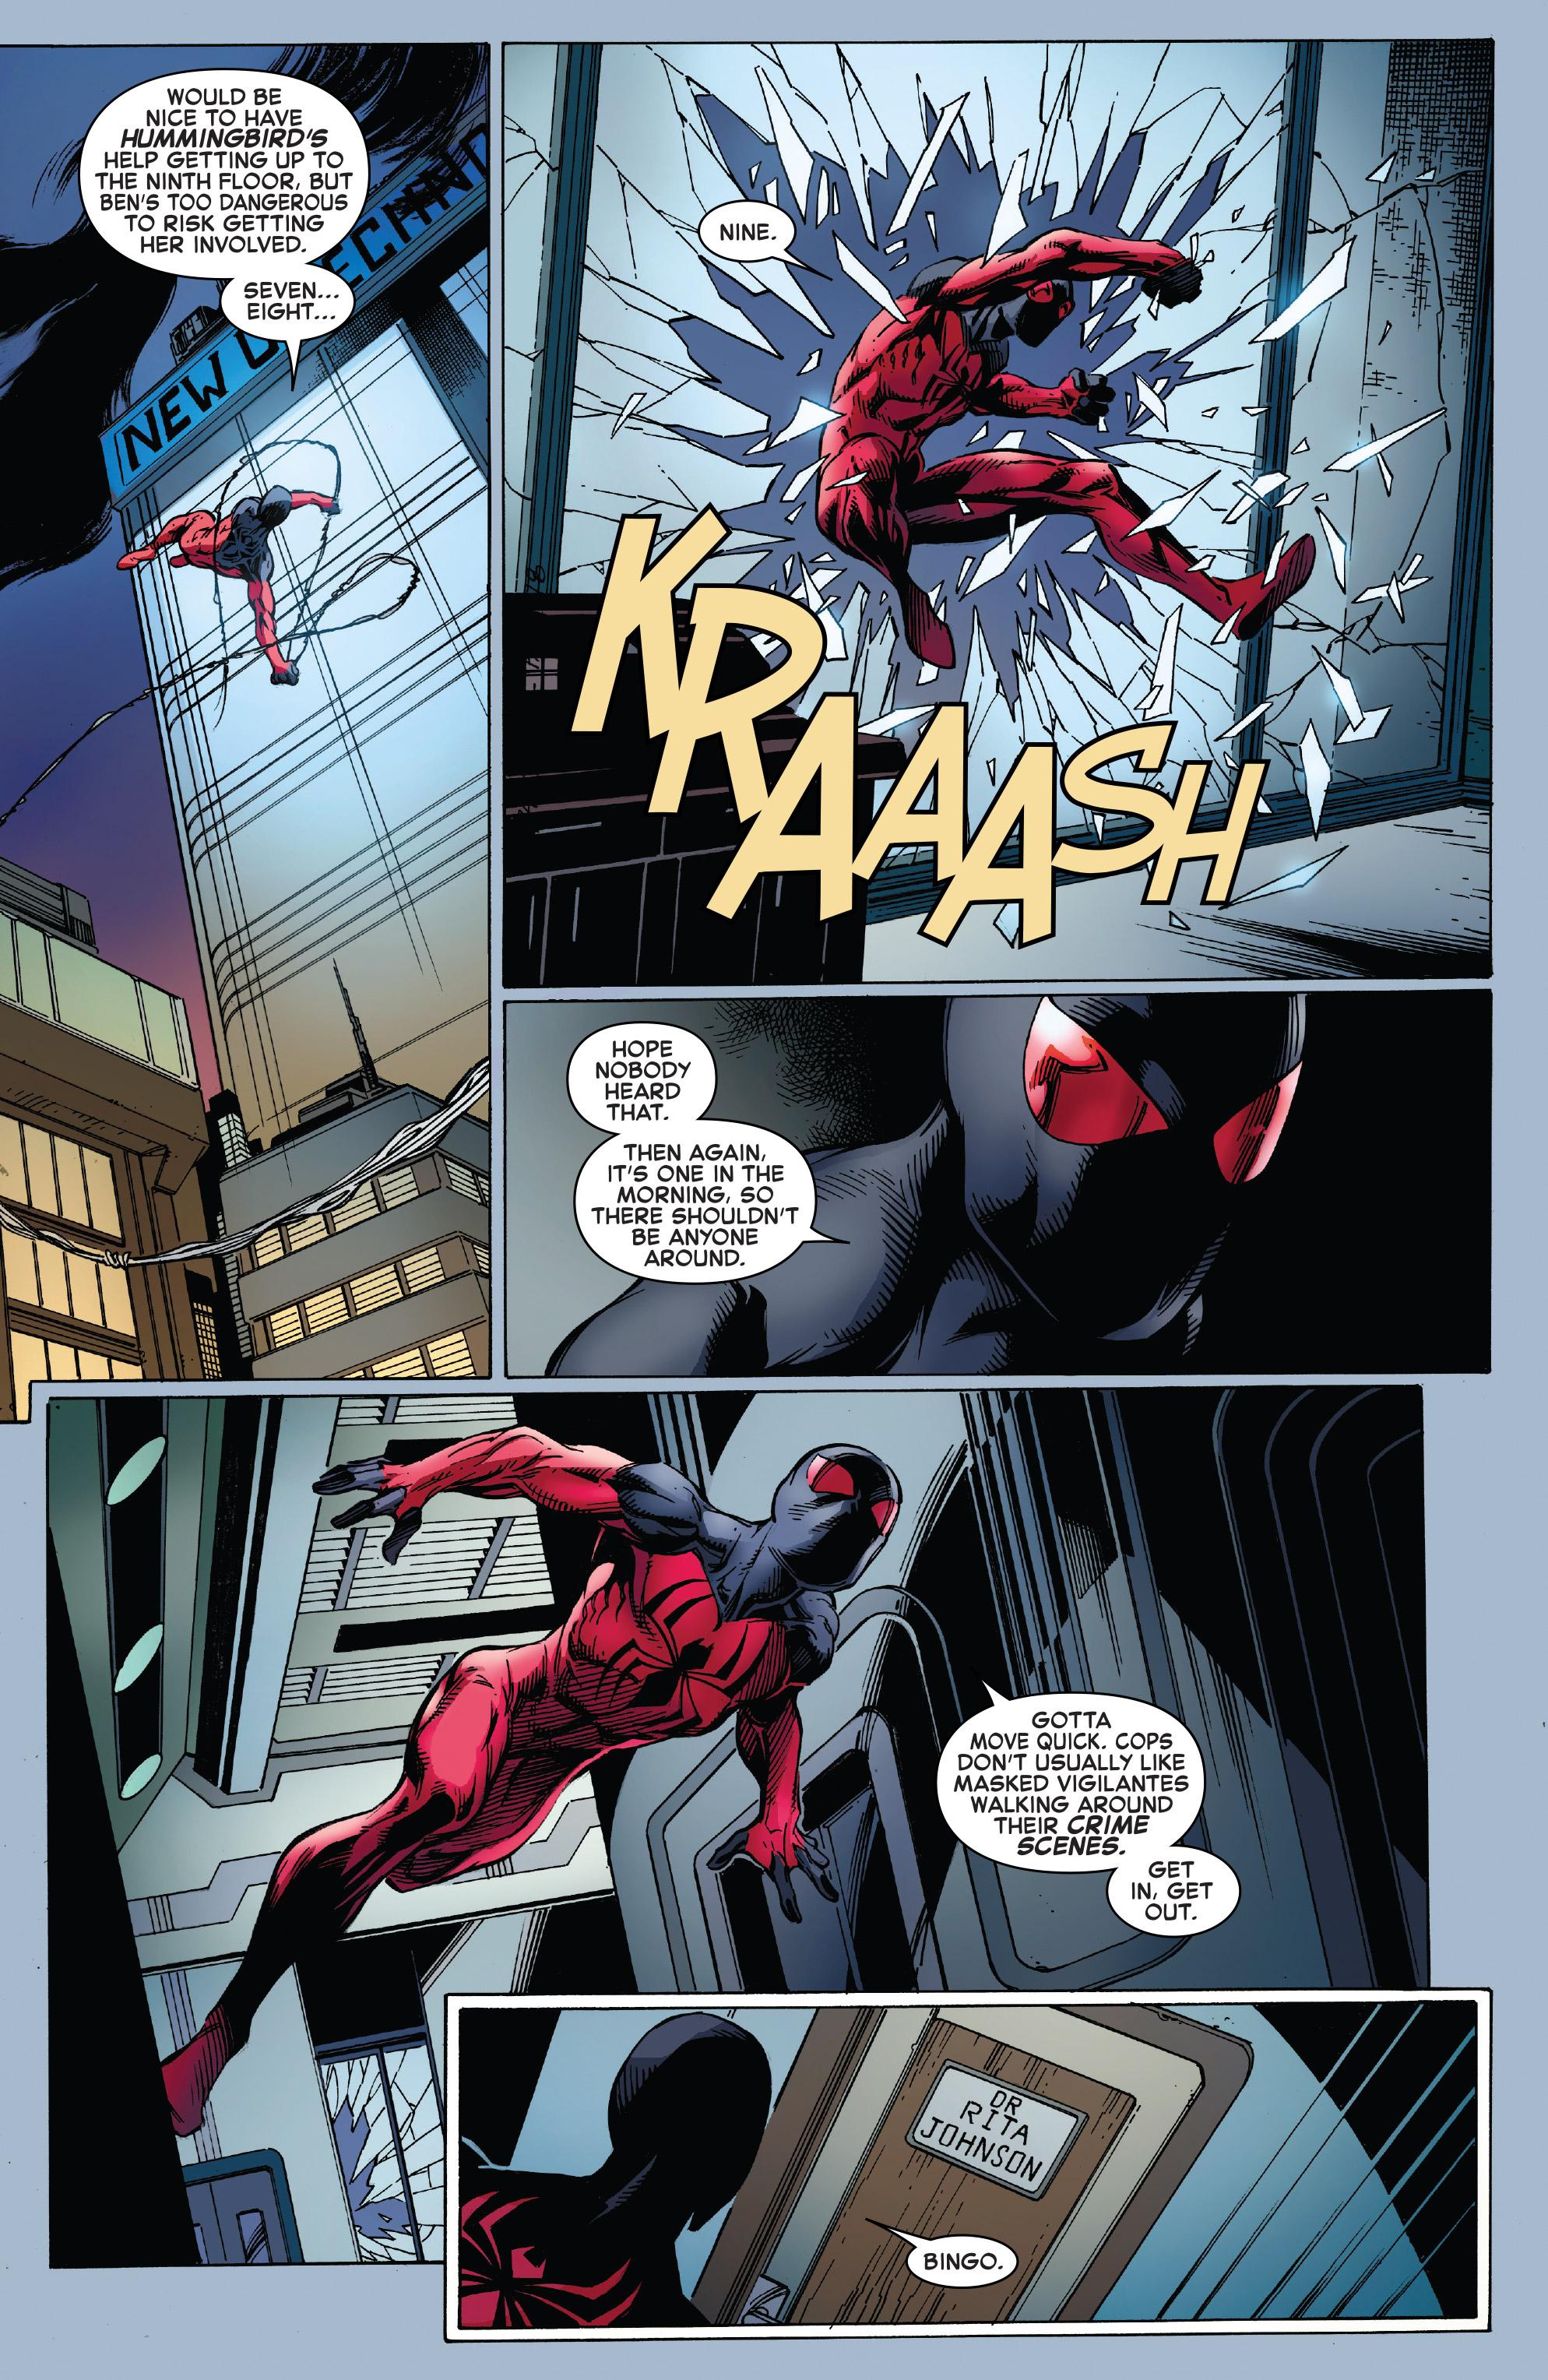 Read online Ben Reilly: Scarlet Spider comic -  Issue #2 - 20